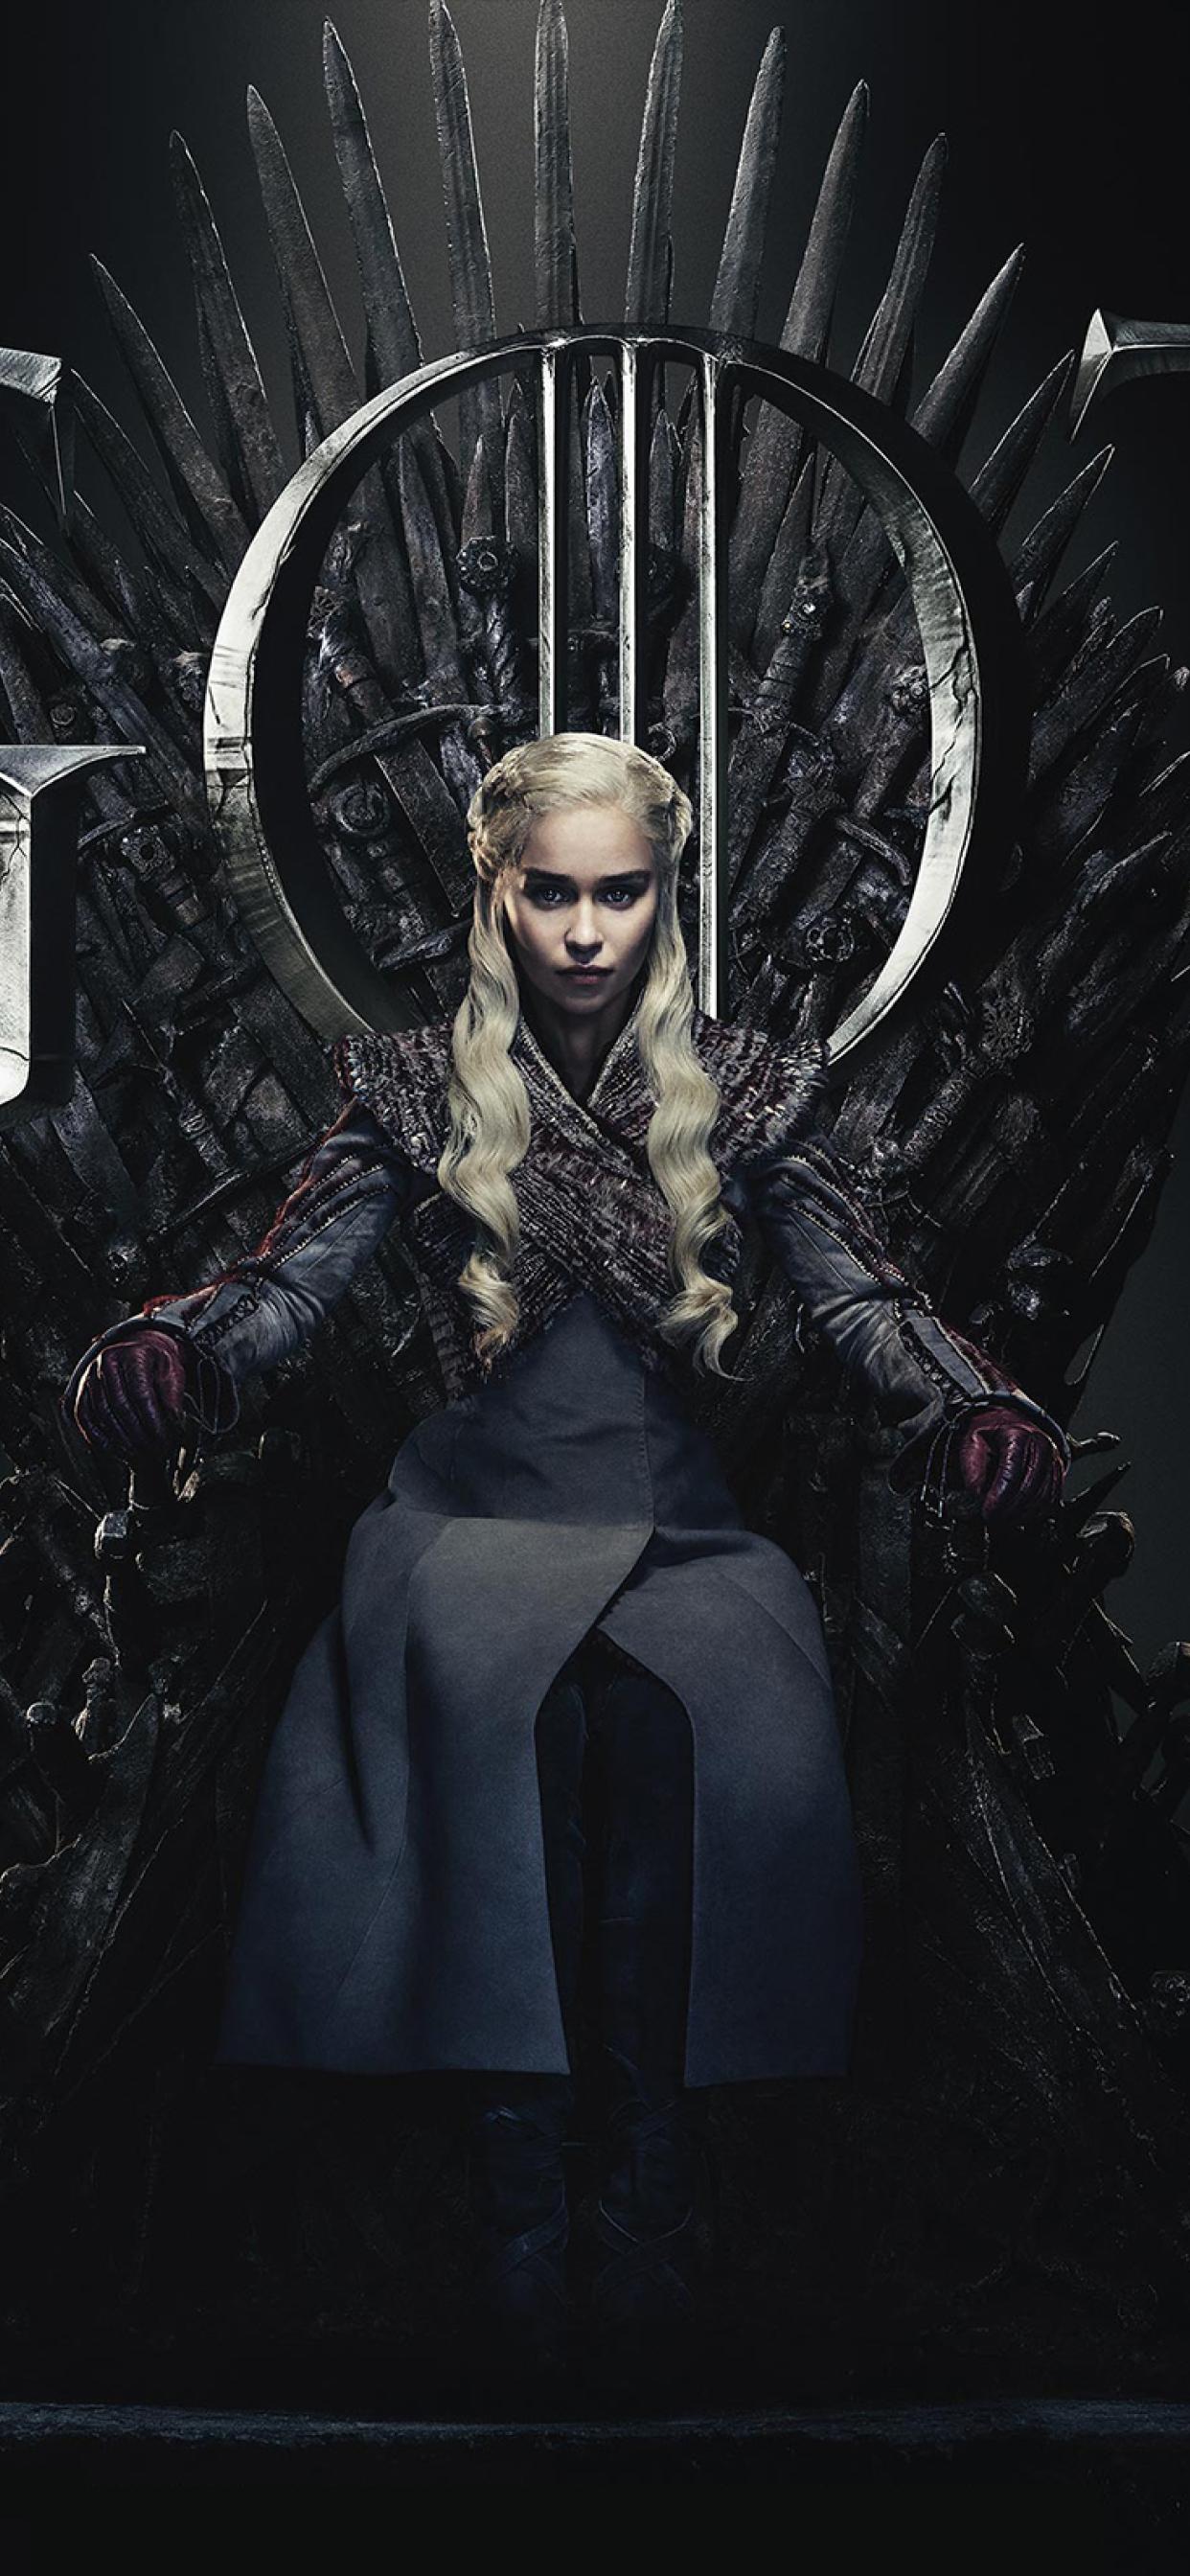 1242x2688 Daenerys Targaryen Game Of Thrones Season 8 Poster